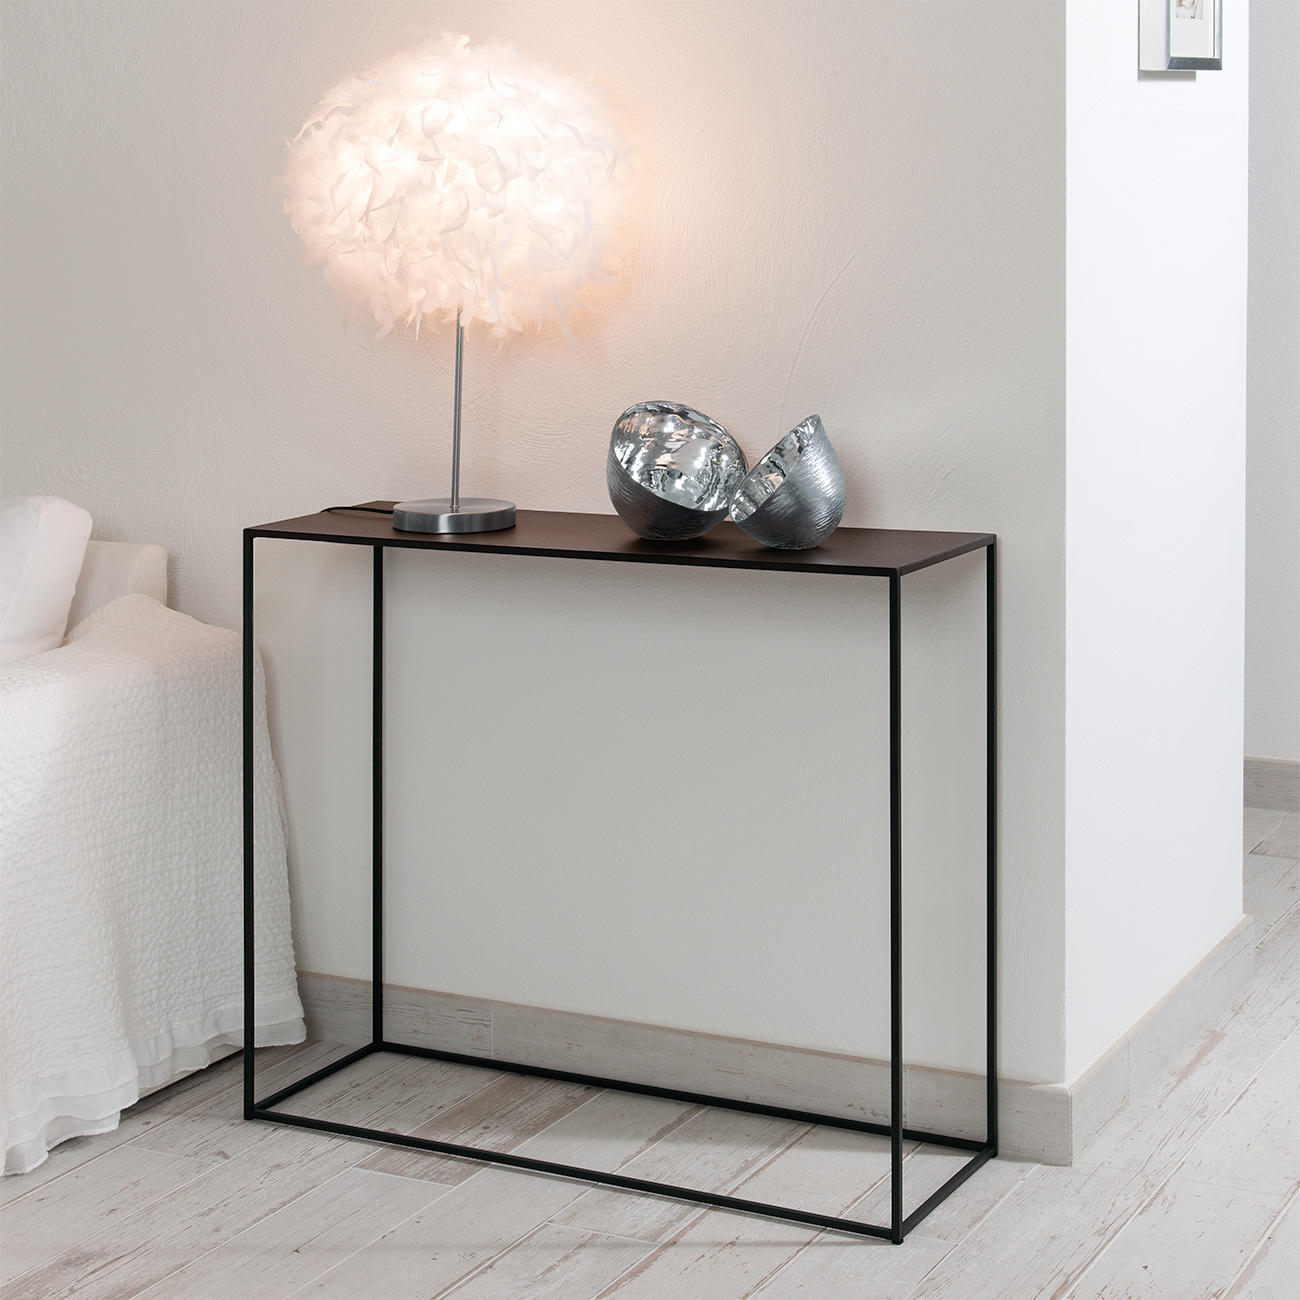 gr nberger wohnmanufaktur wmg couchtisch beistelltisch lima metall 50 x 50 x 50 cm. Black Bedroom Furniture Sets. Home Design Ideas